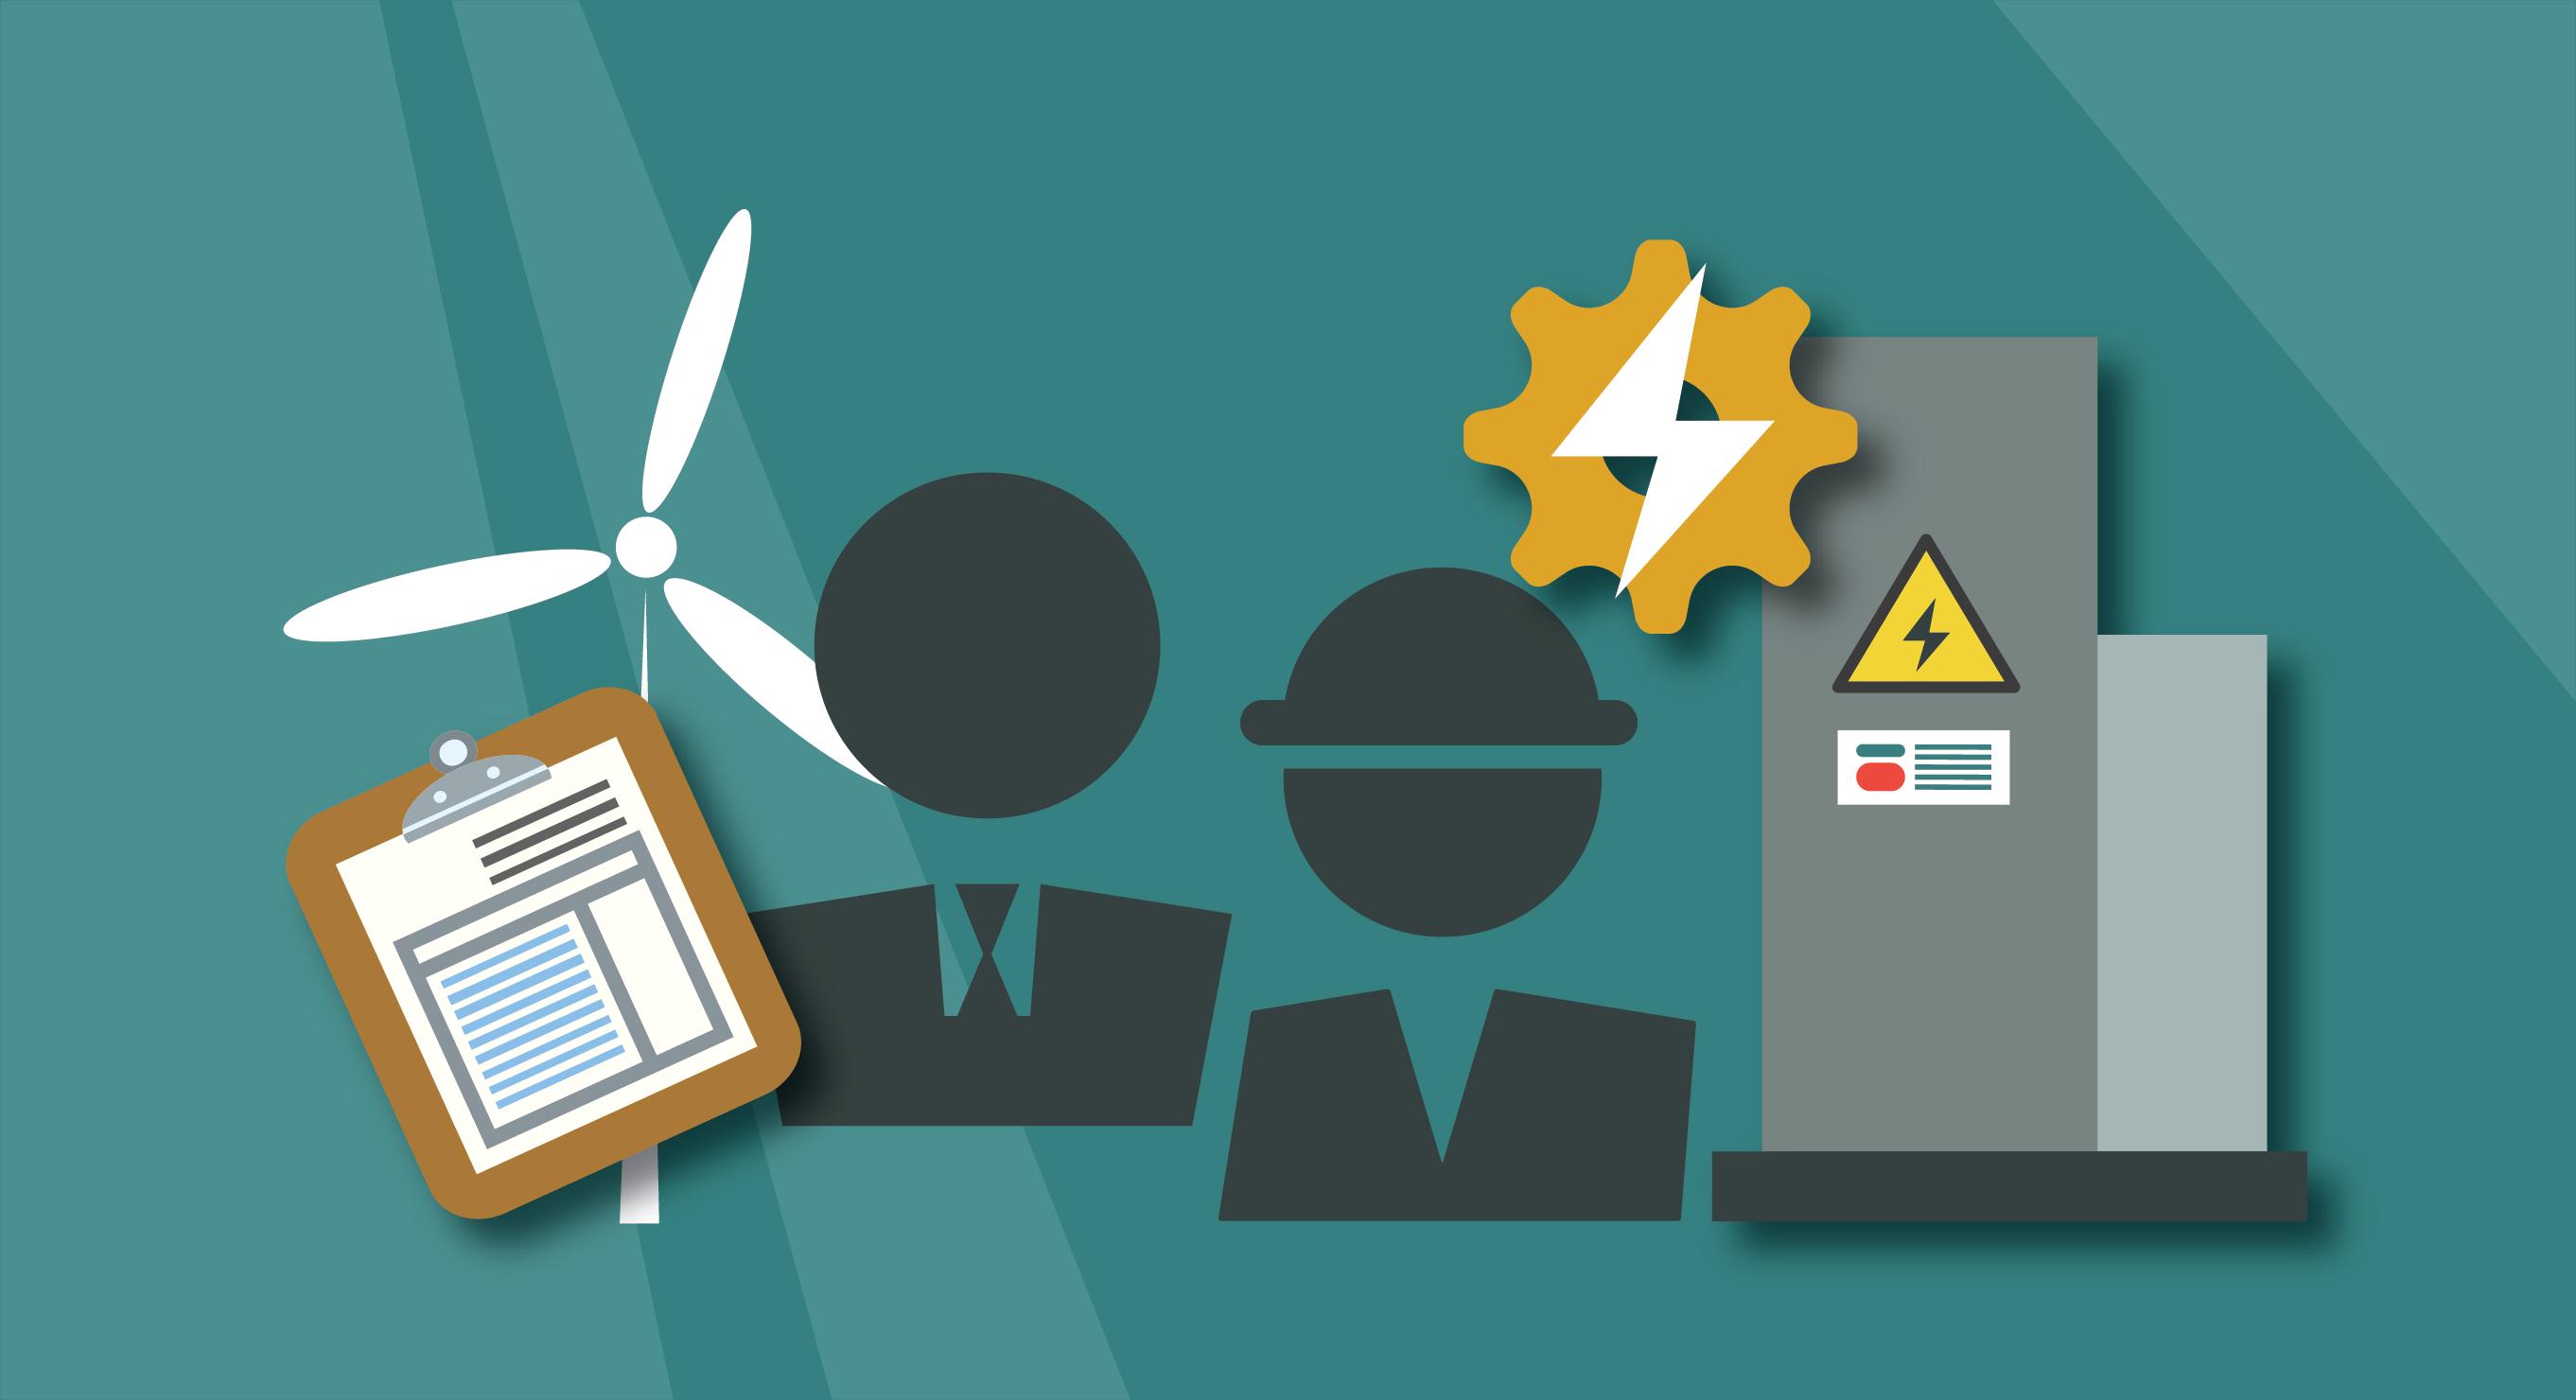 Energy efficiency workforce graphic